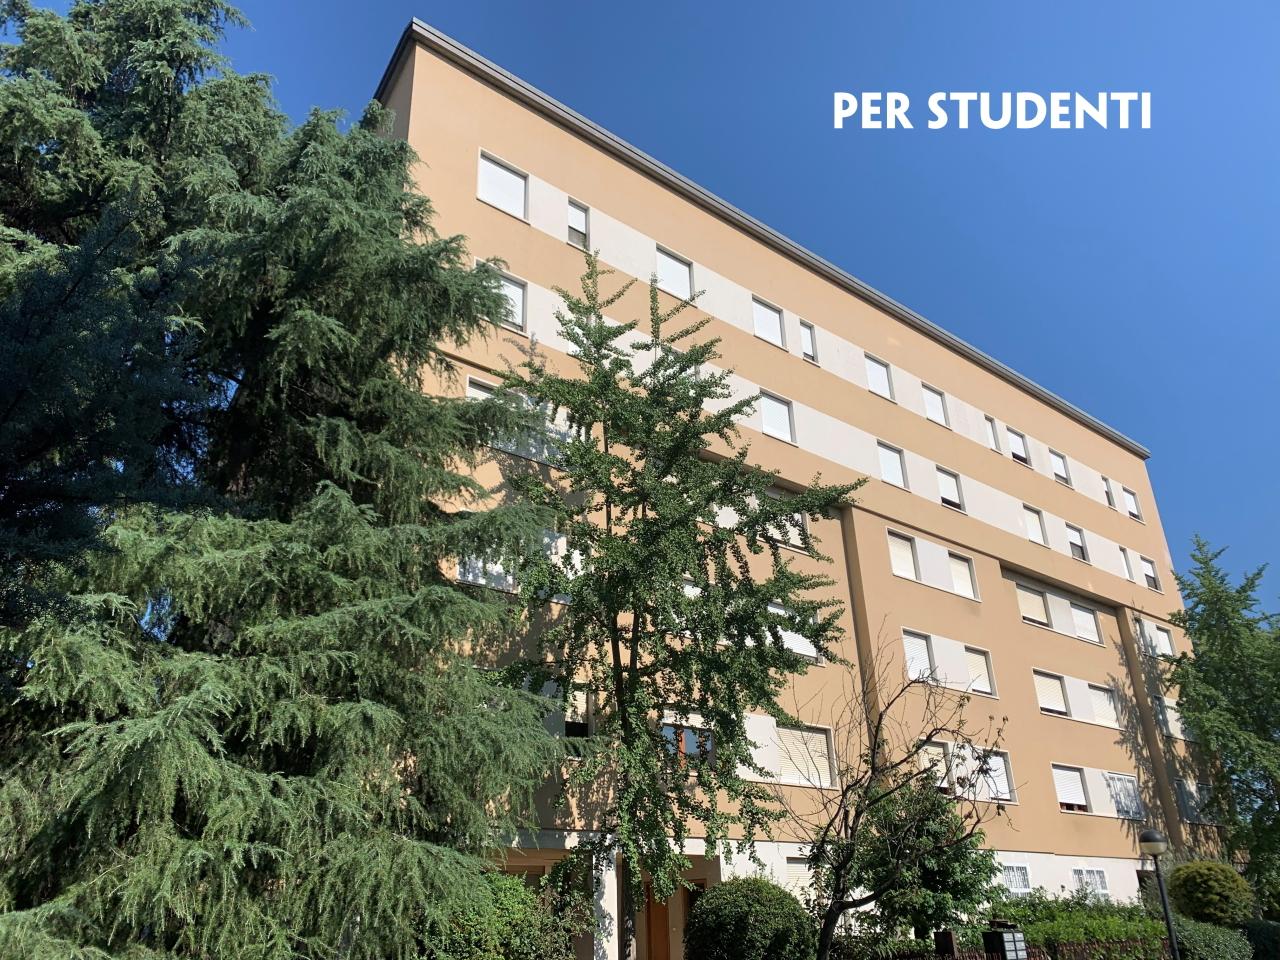 Appartamento, 0, Affitto/Cessione - Ozzano Dell'emilia